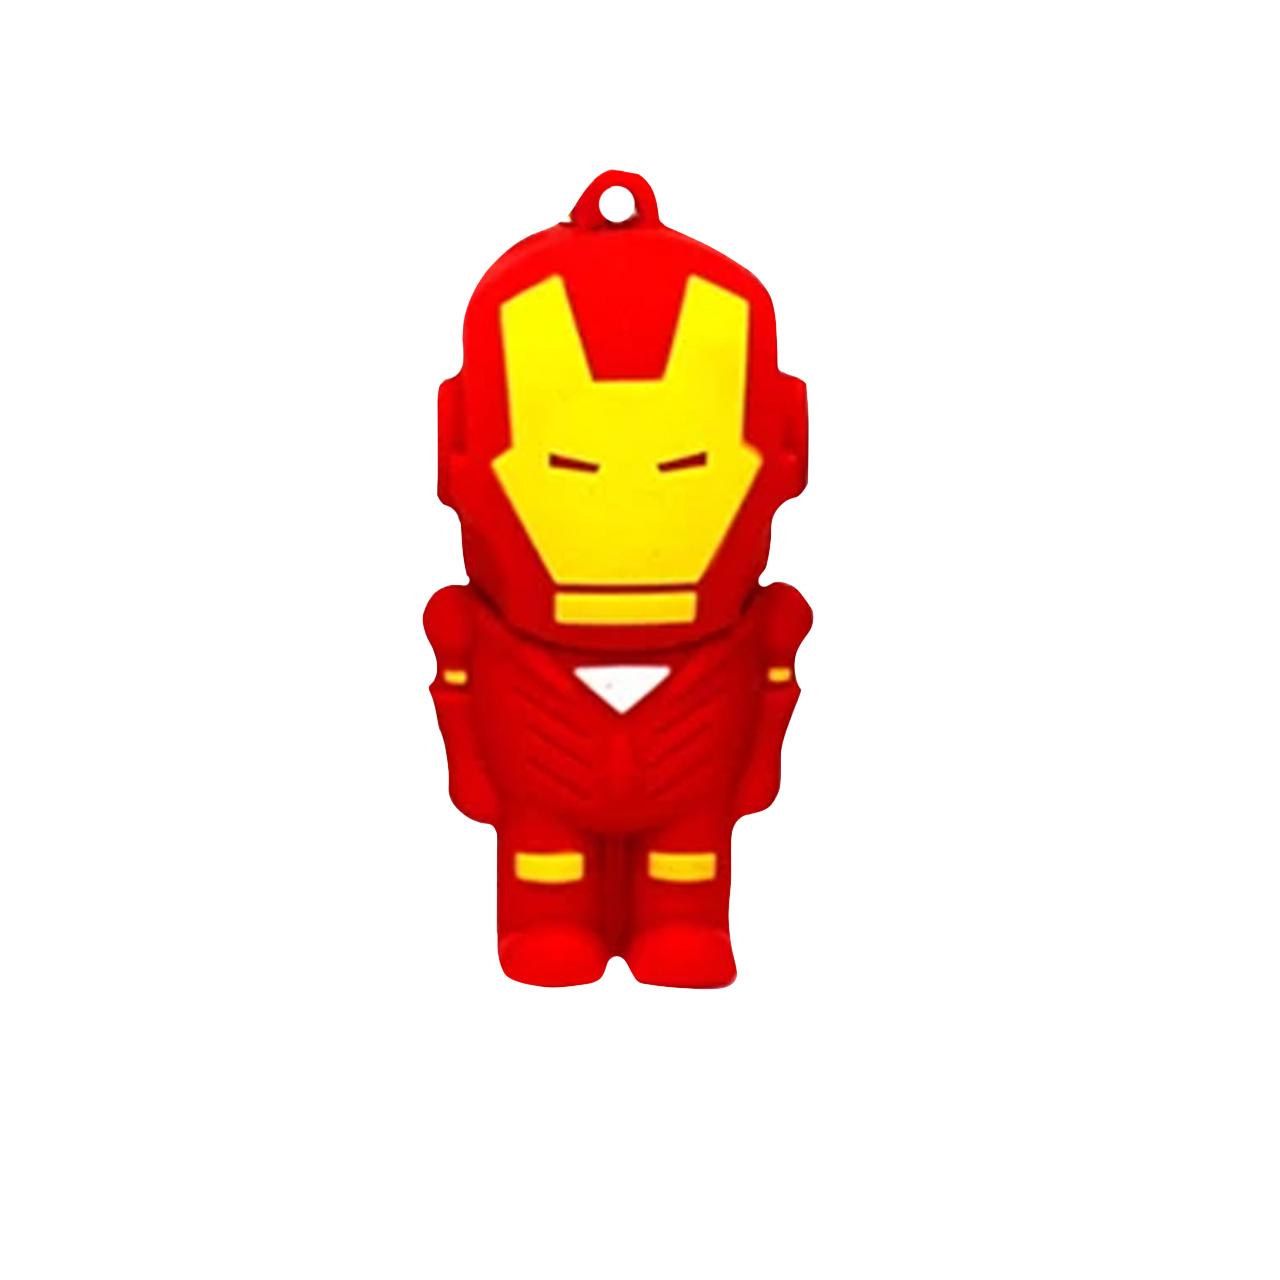 بررسی و خرید [با تخفیف]                                     فلش مموری طرح Ironman مدل DPL1163 ظرفیت 64 گیگابایت                             اورجینال